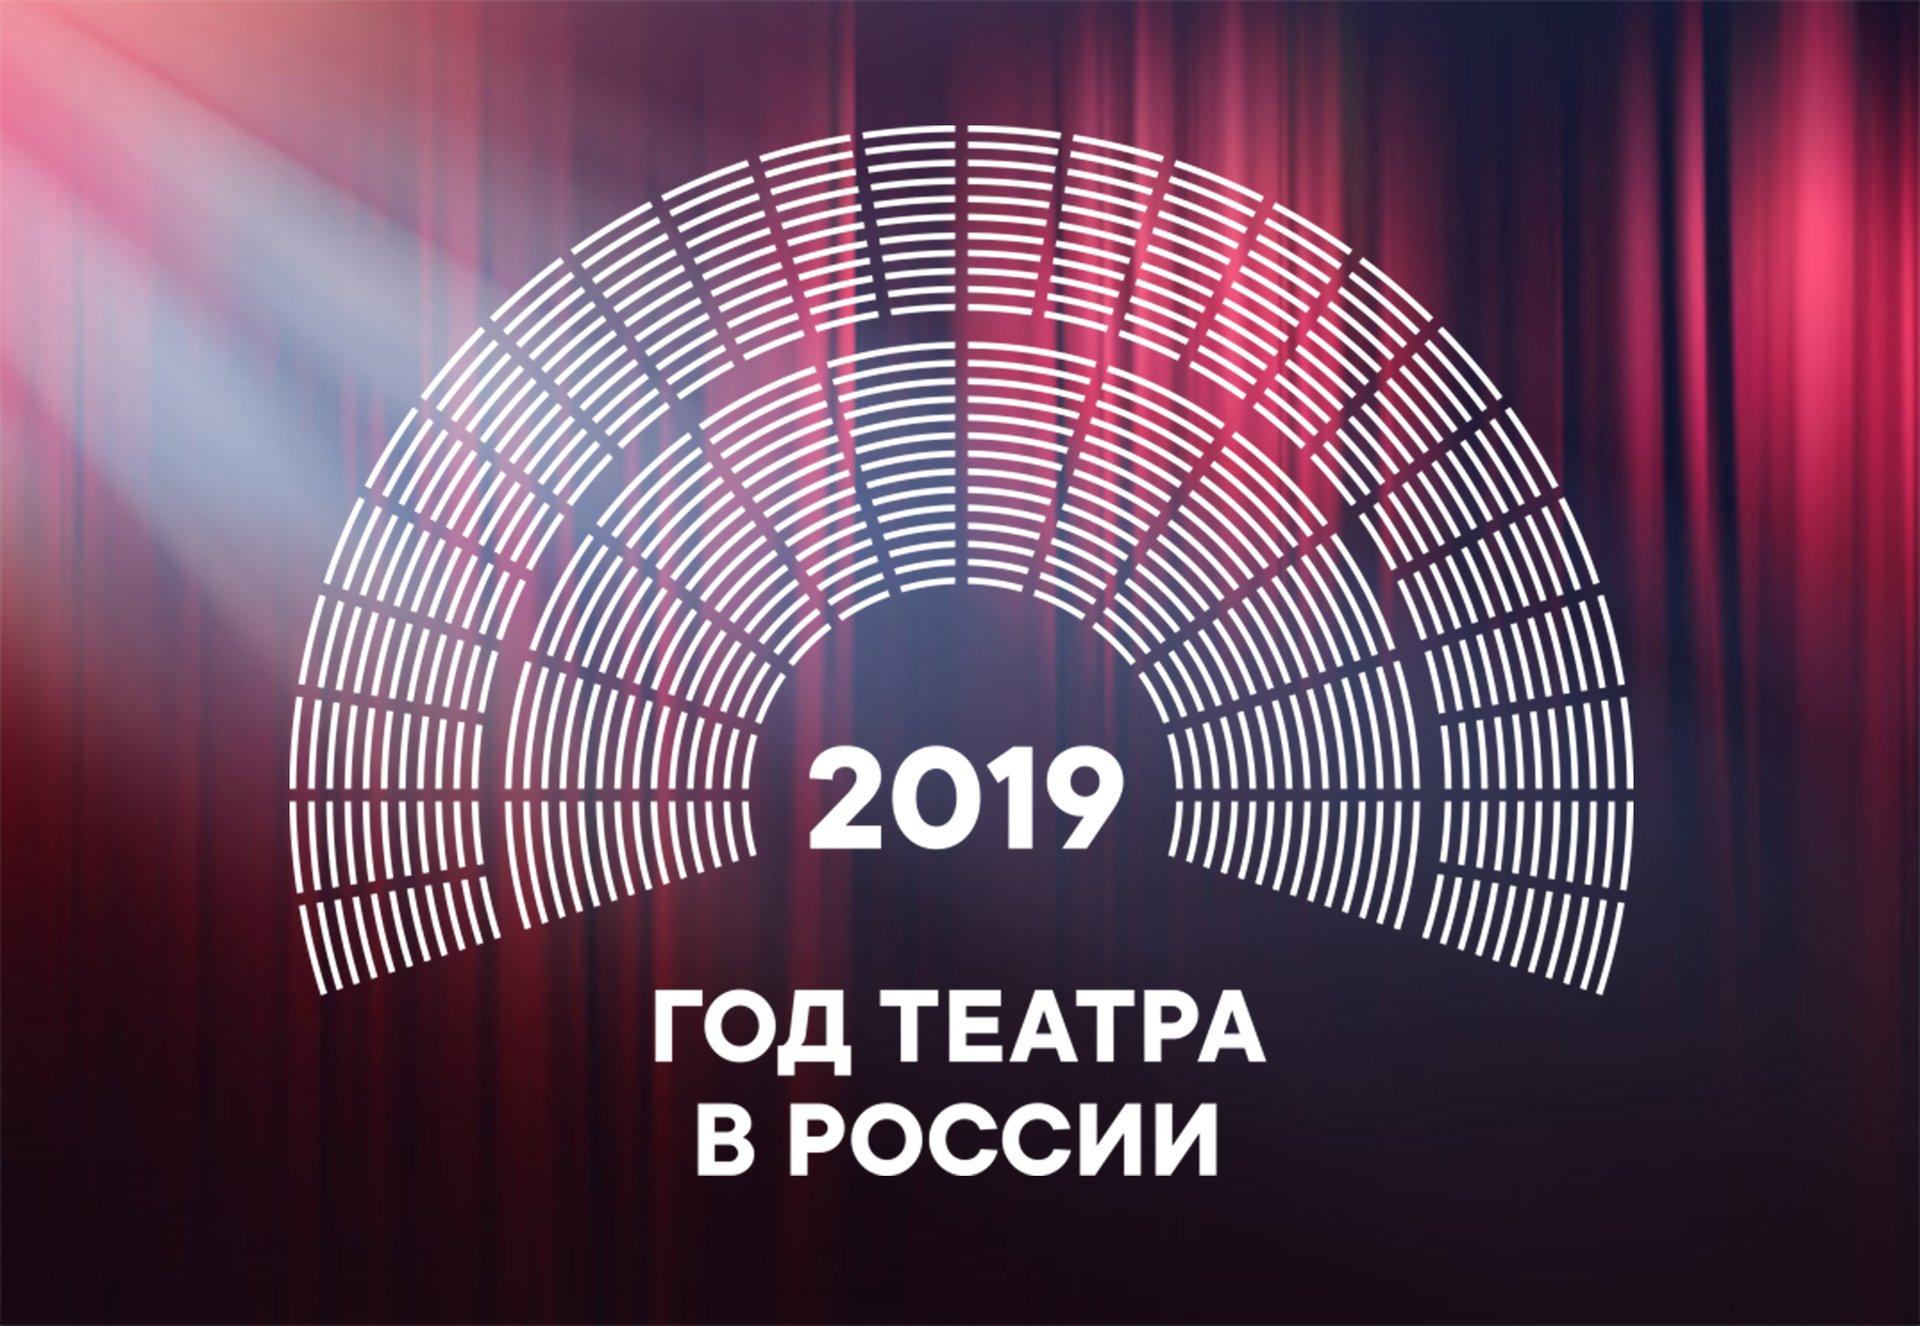 Утро картинки, картинка год театра 2019